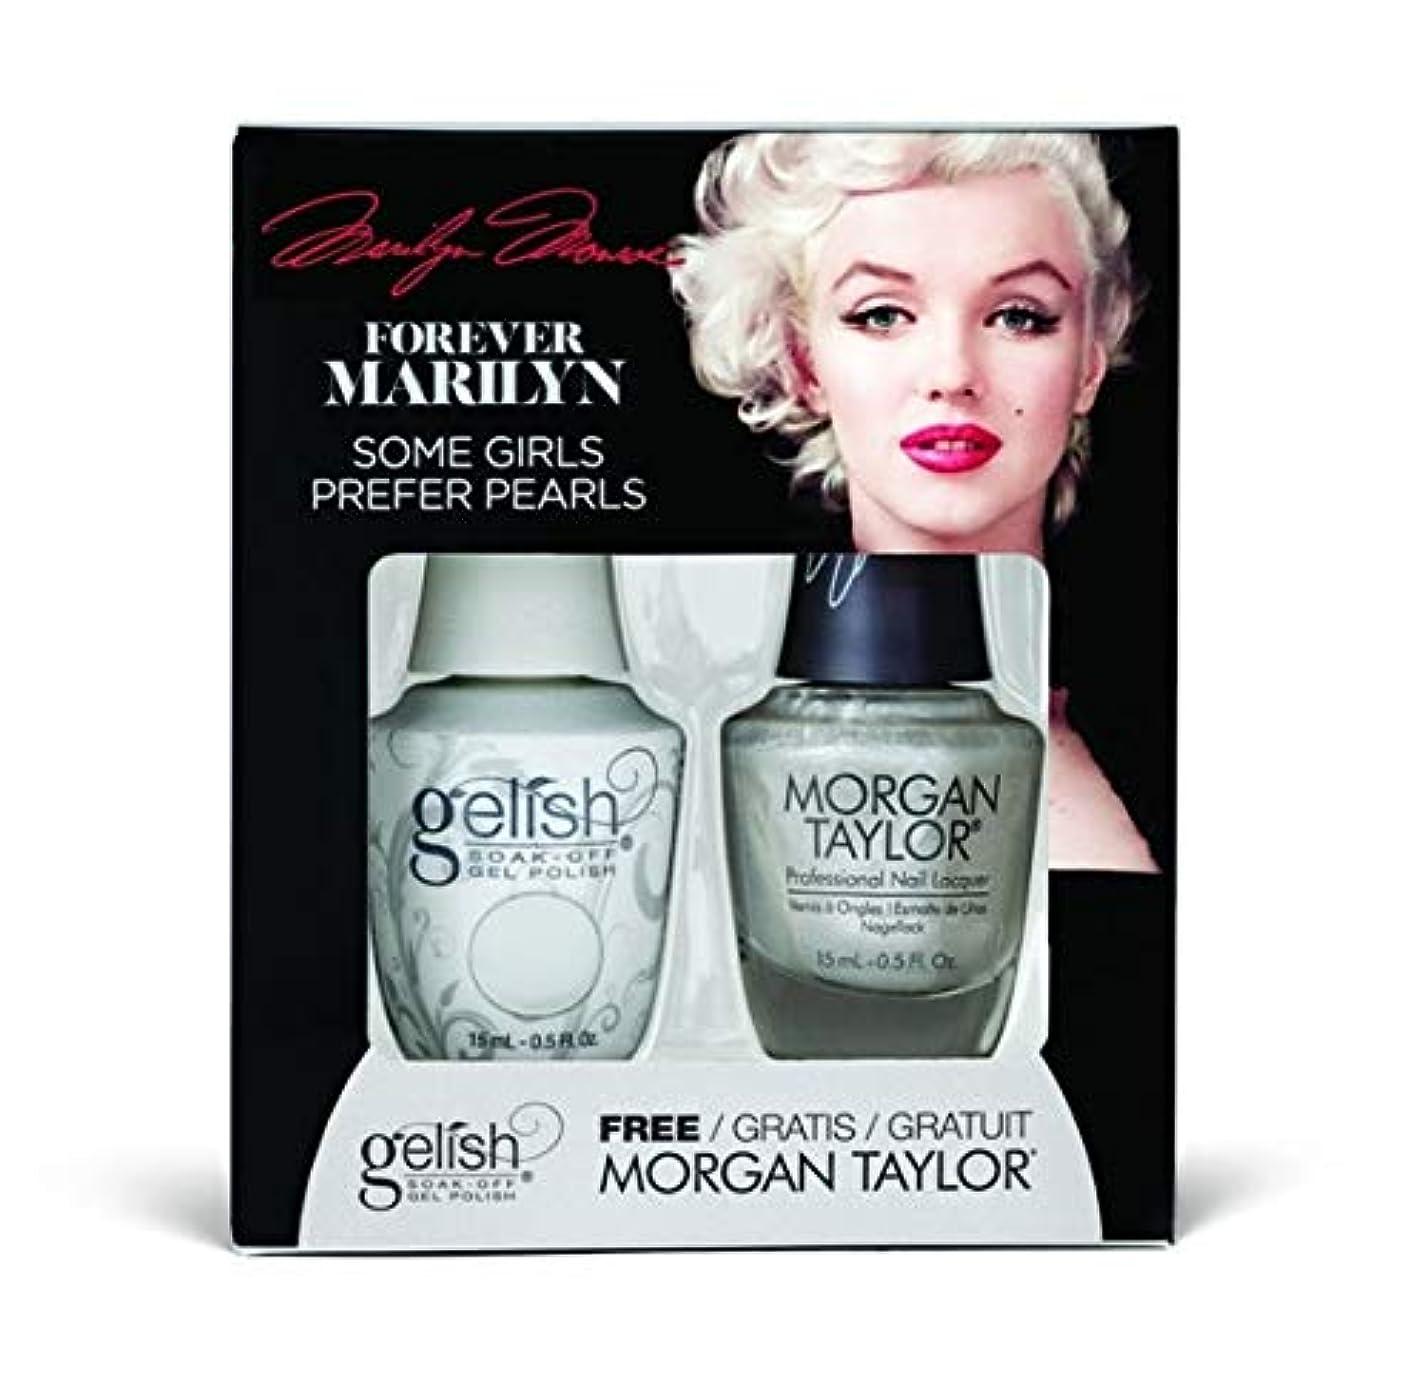 時代遅れ蒸留する破滅的なHarmony Gelish - Two of a Kind - Forever Marilyn Fall 2019 Collection - Some Girls Prefer Pearls - 15ml / 0.5oz